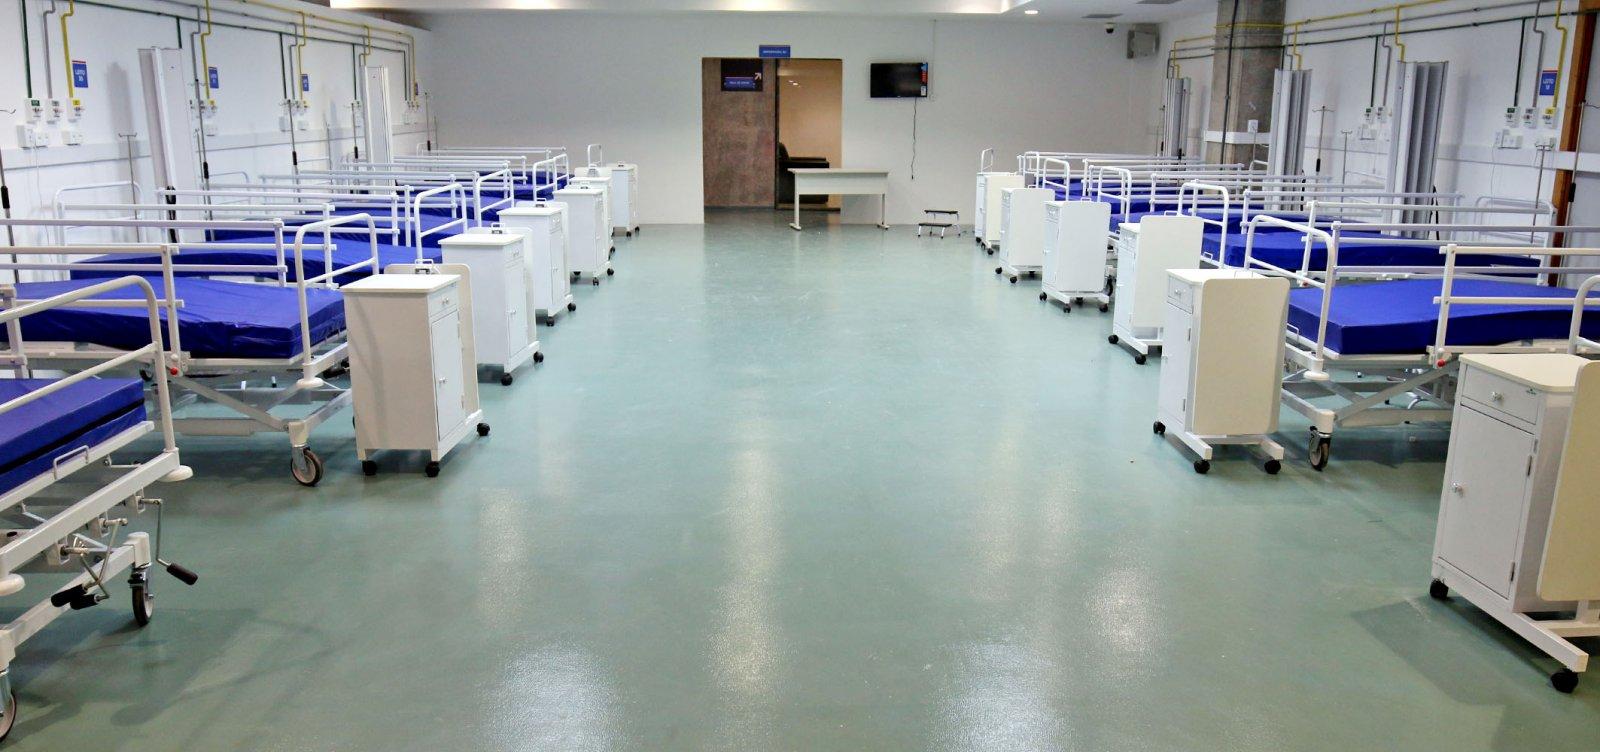 [Covid-19: Hospital da Arena Fonte Nova começa a receber pacientes nesta sexta-feira]